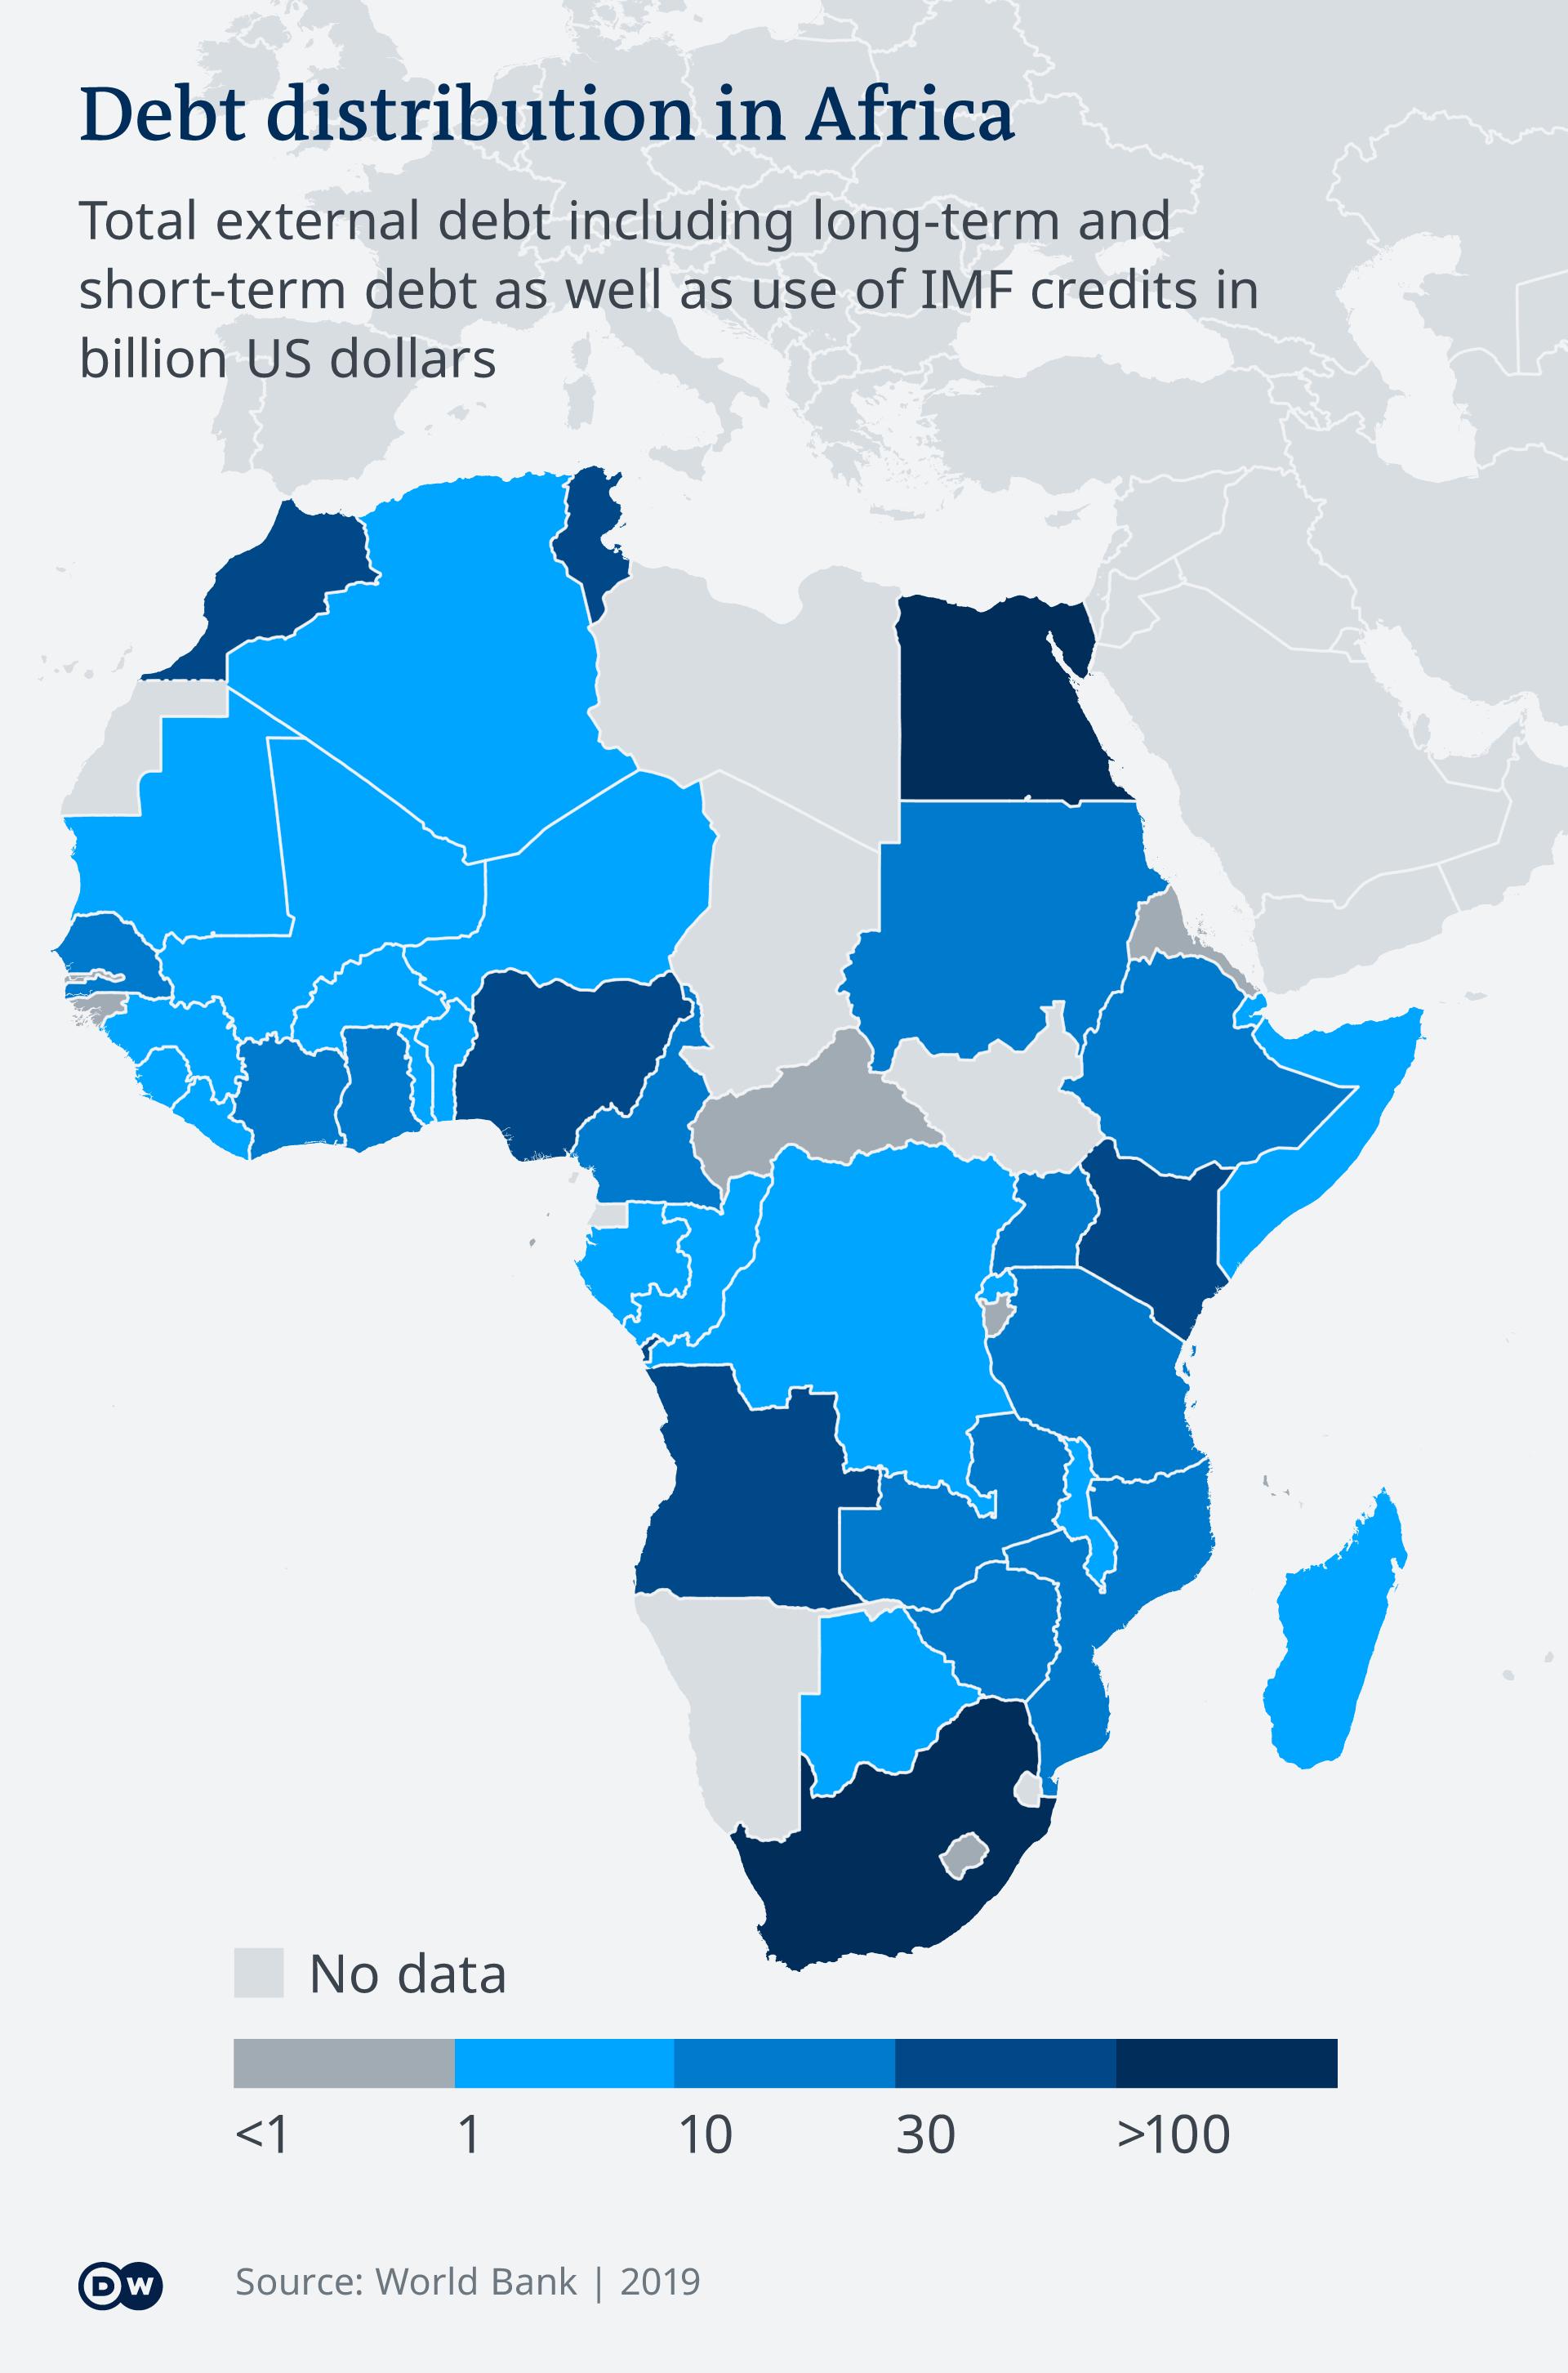 Distribusi utang eksternal di antara negara-negara Afrika.